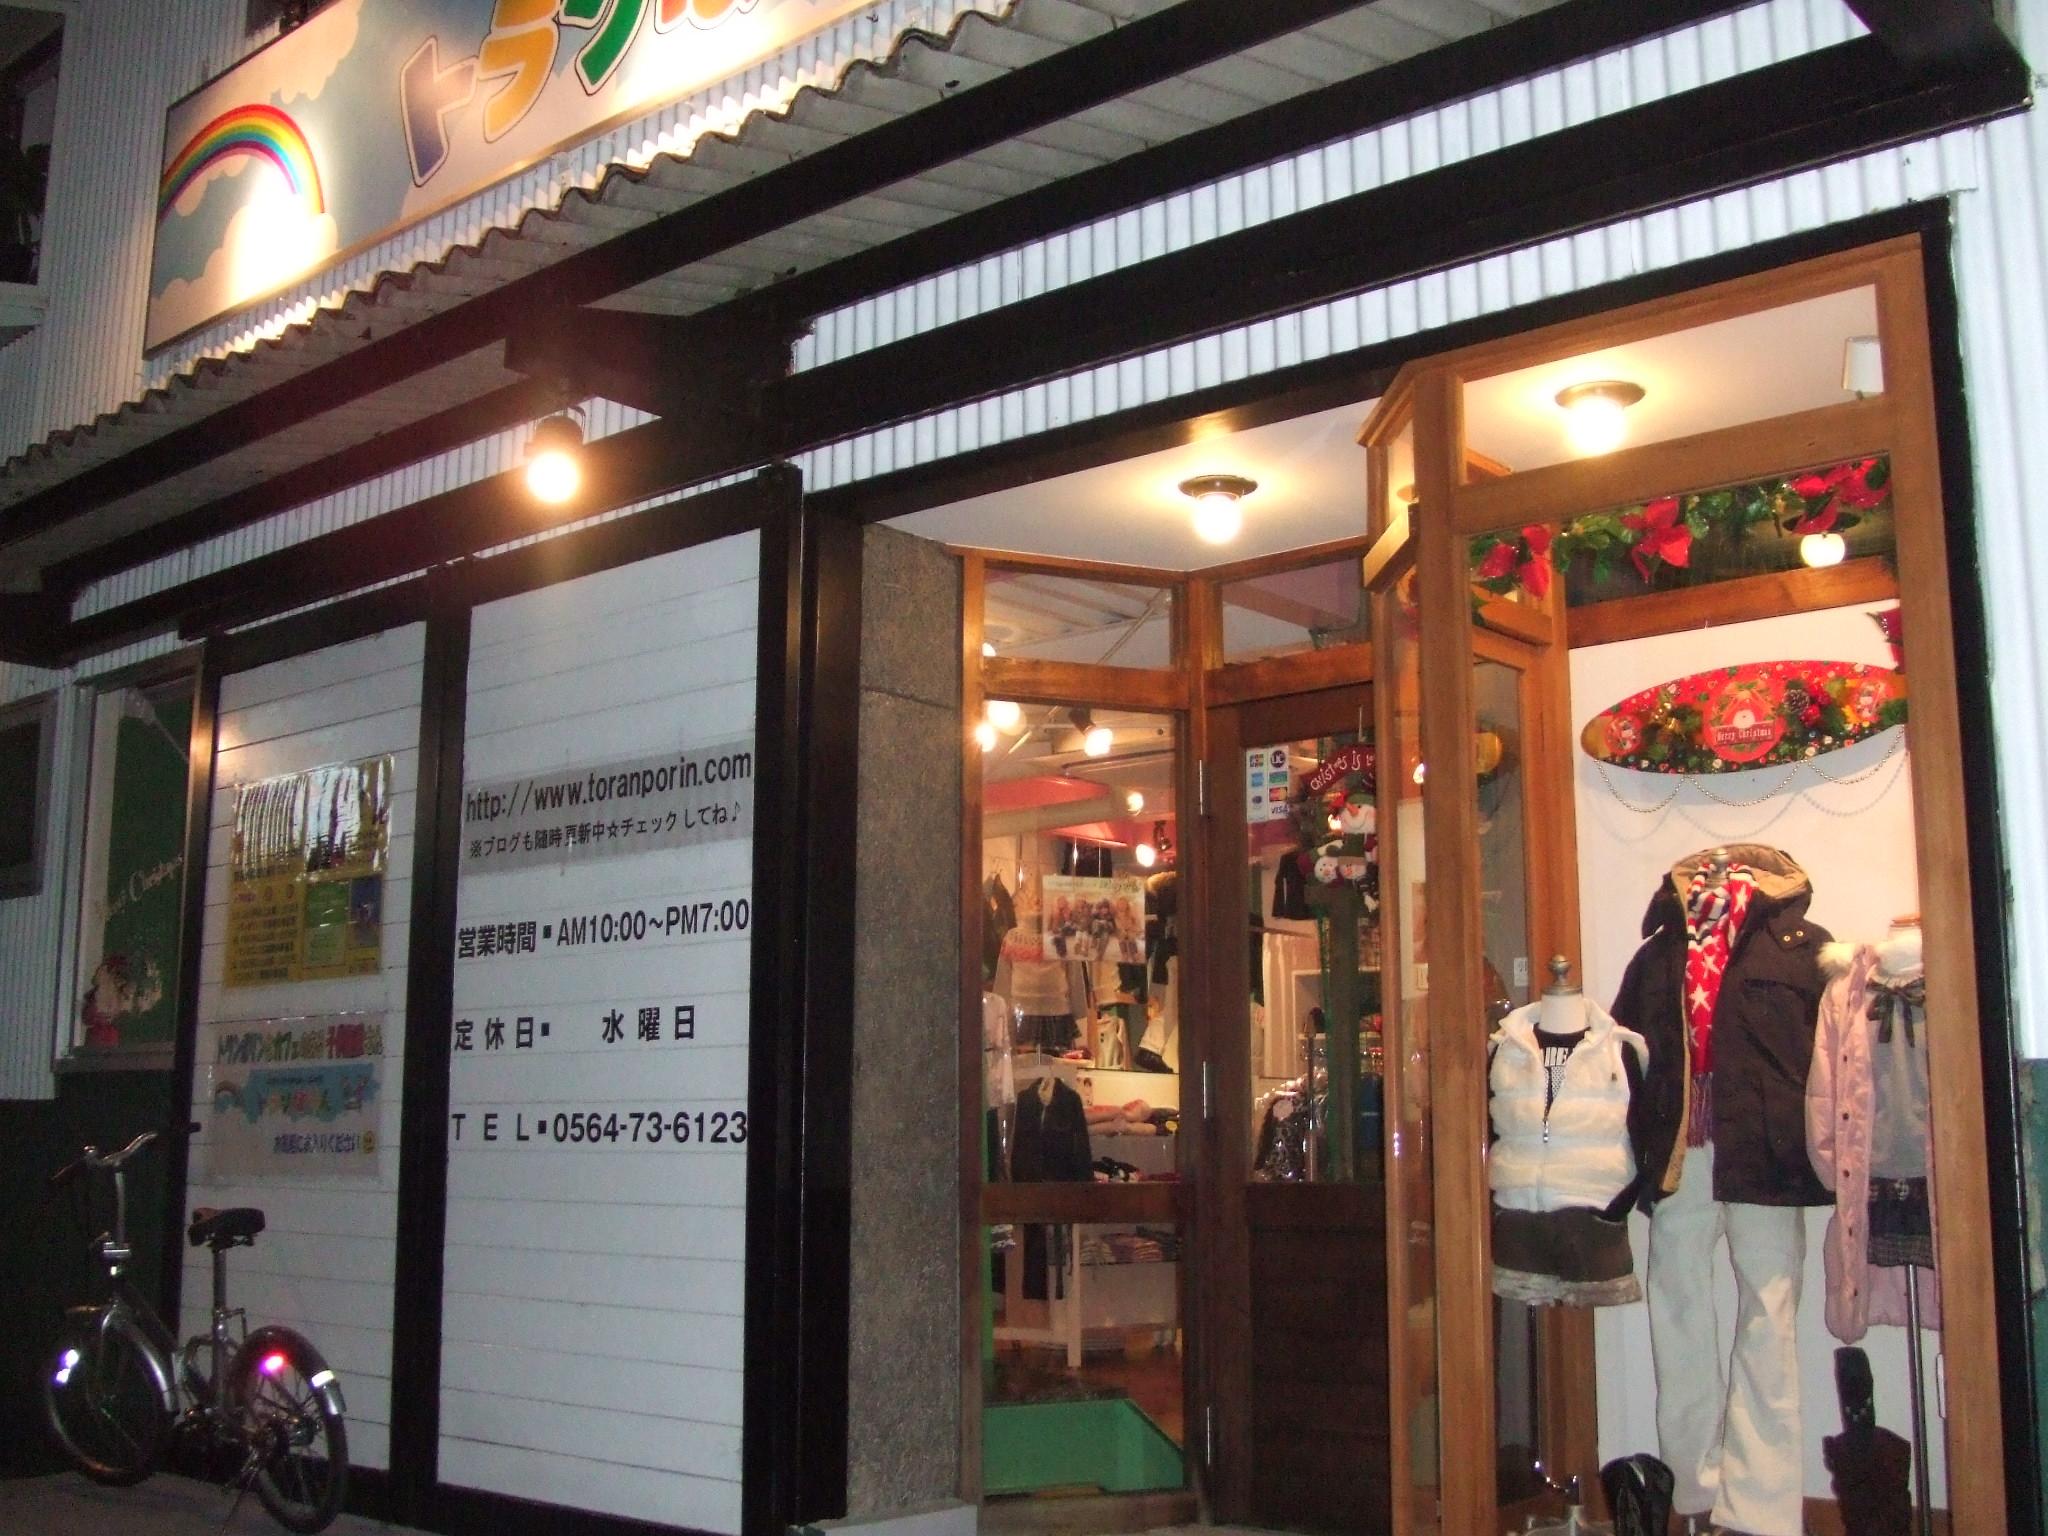 トランぽりん店舗画像 346